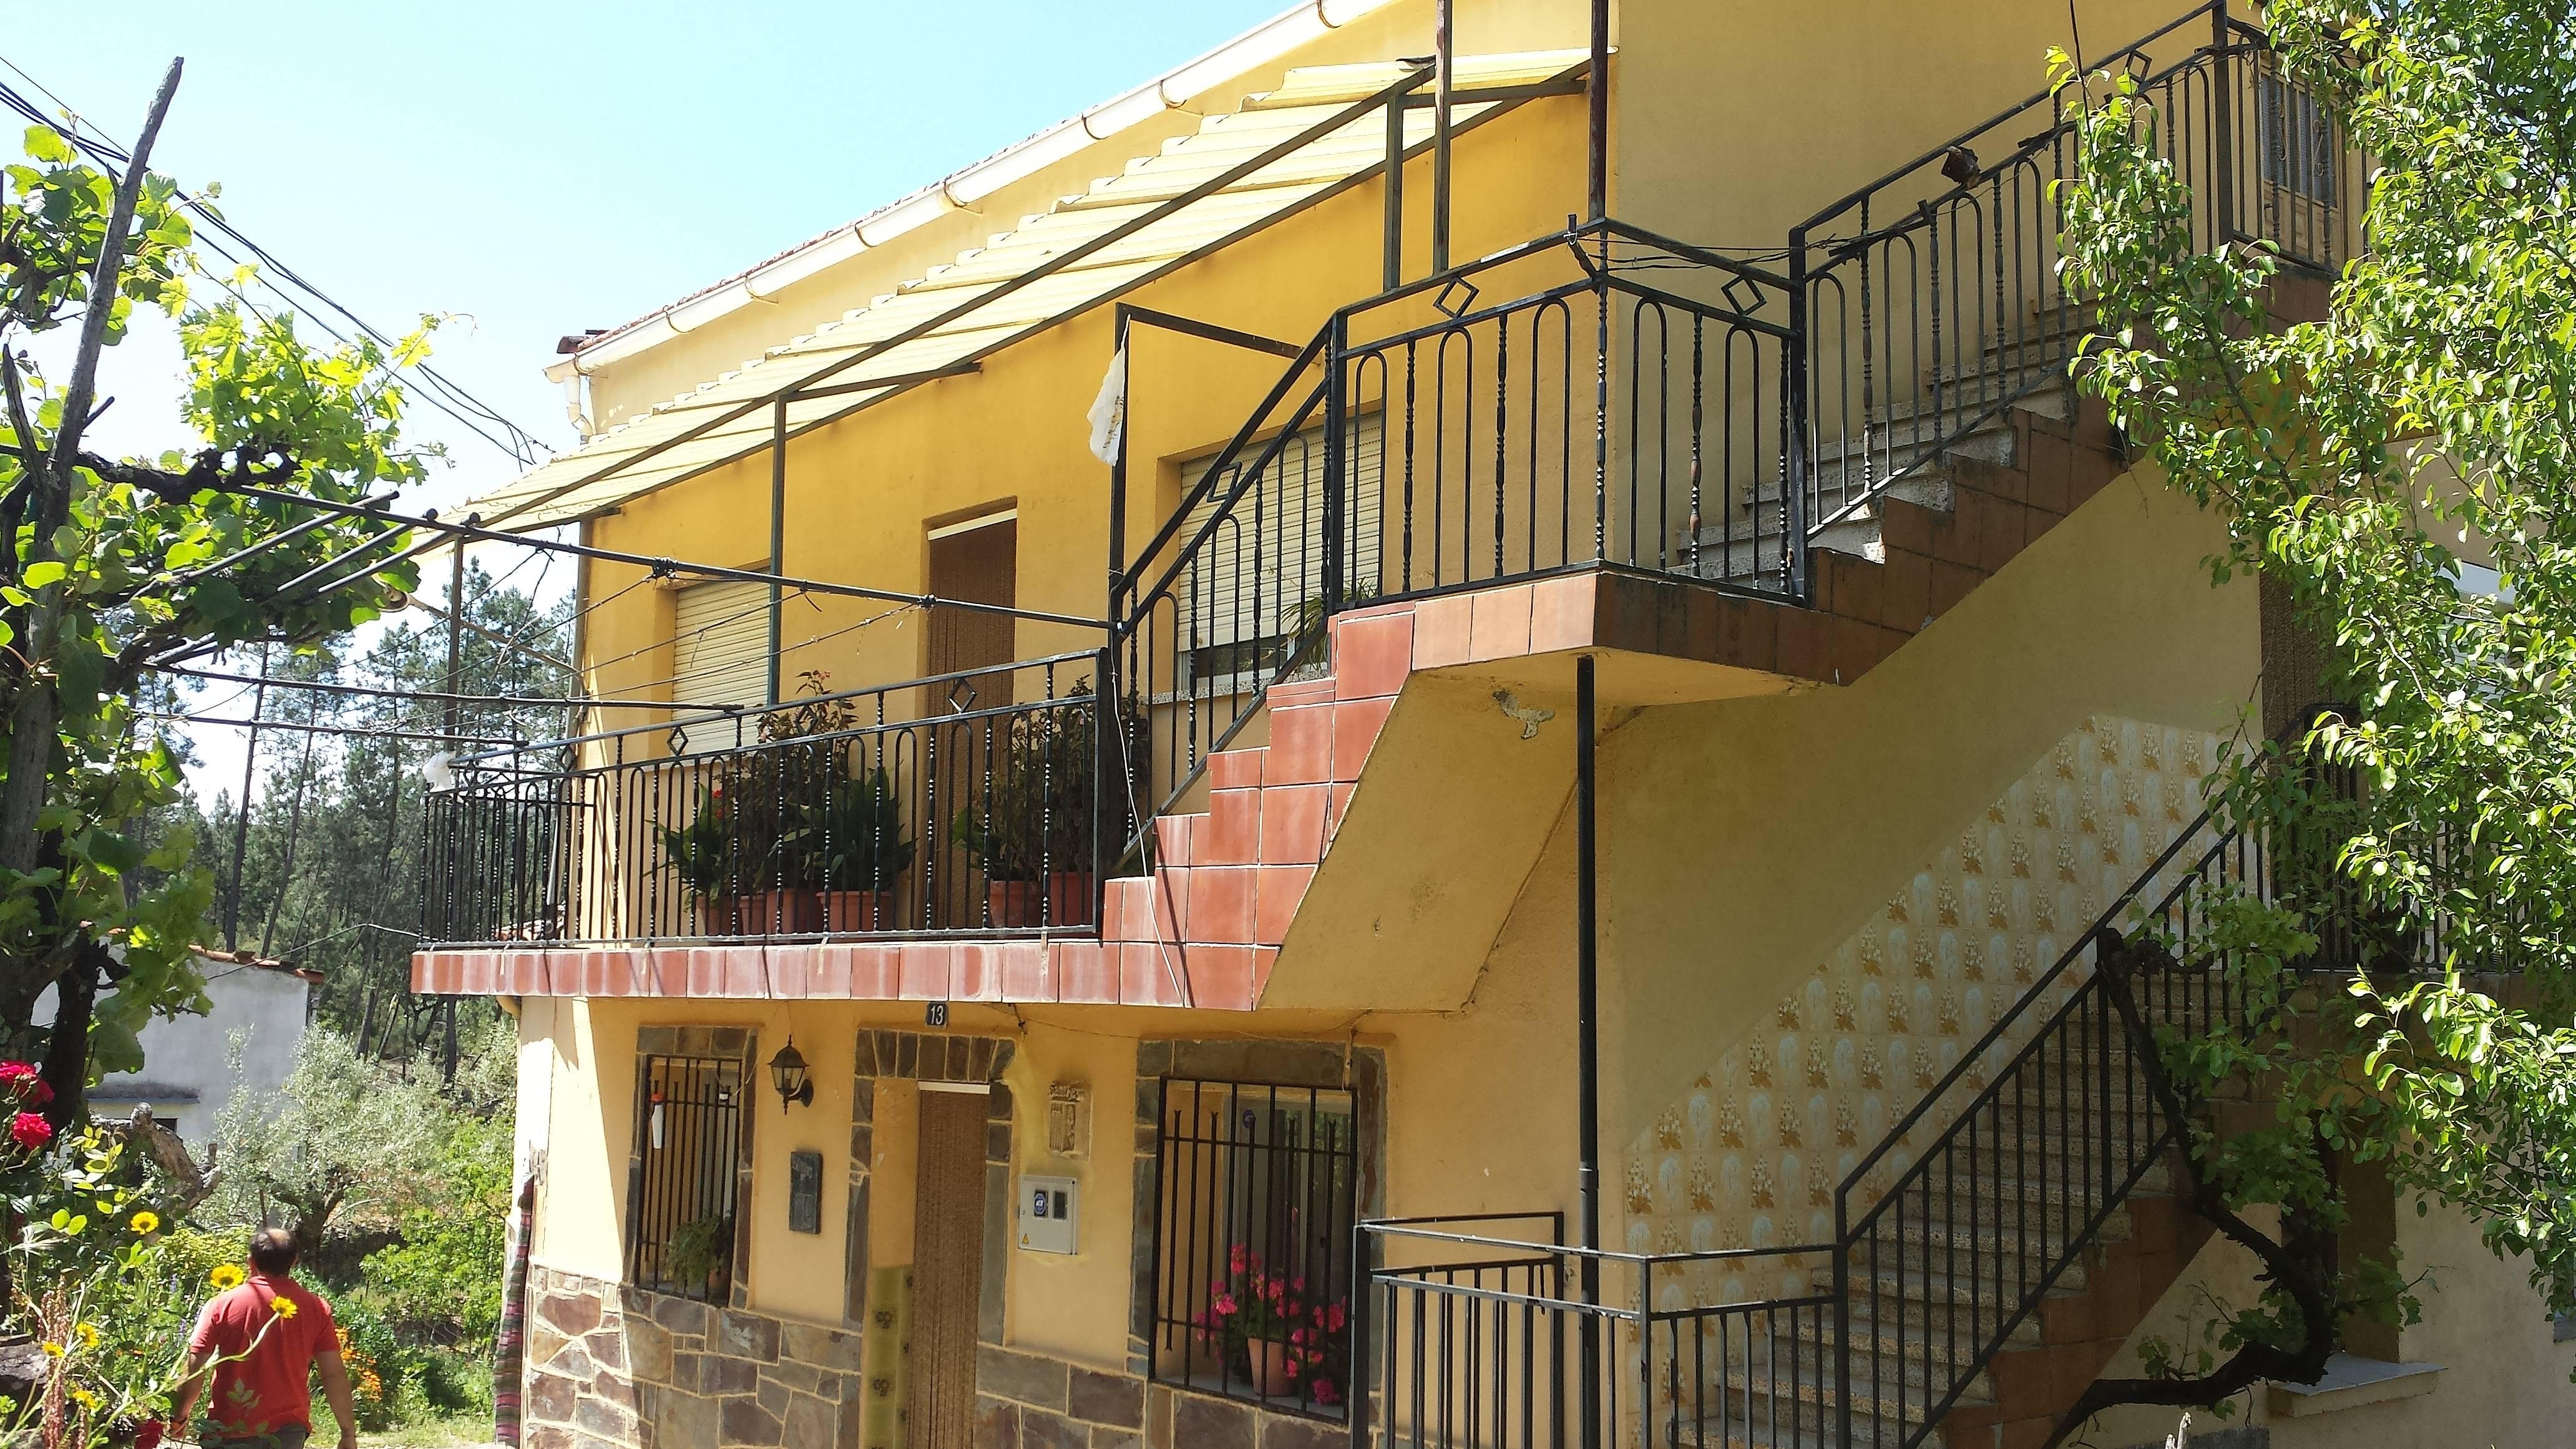 Casa Para 7 Personas En Las Hurde Robledo De Pino Robledo  # Muebles Caceres Pinofranqueado